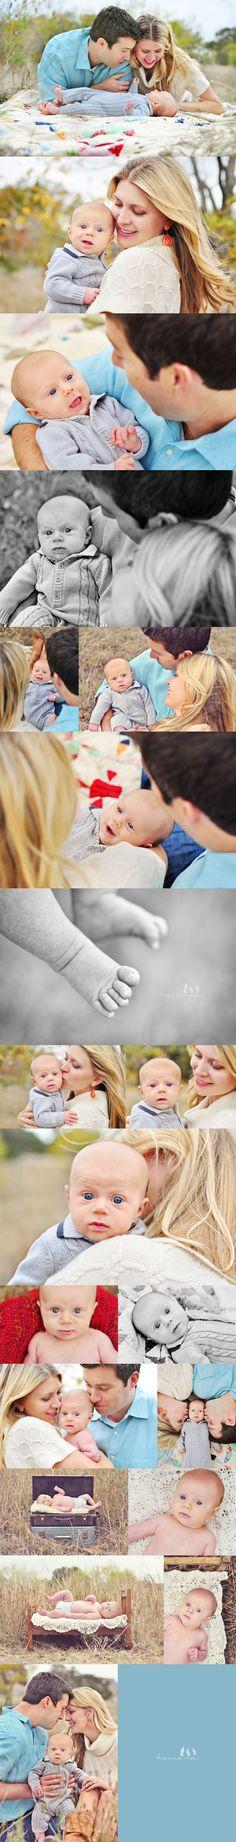 family of 3 ideas